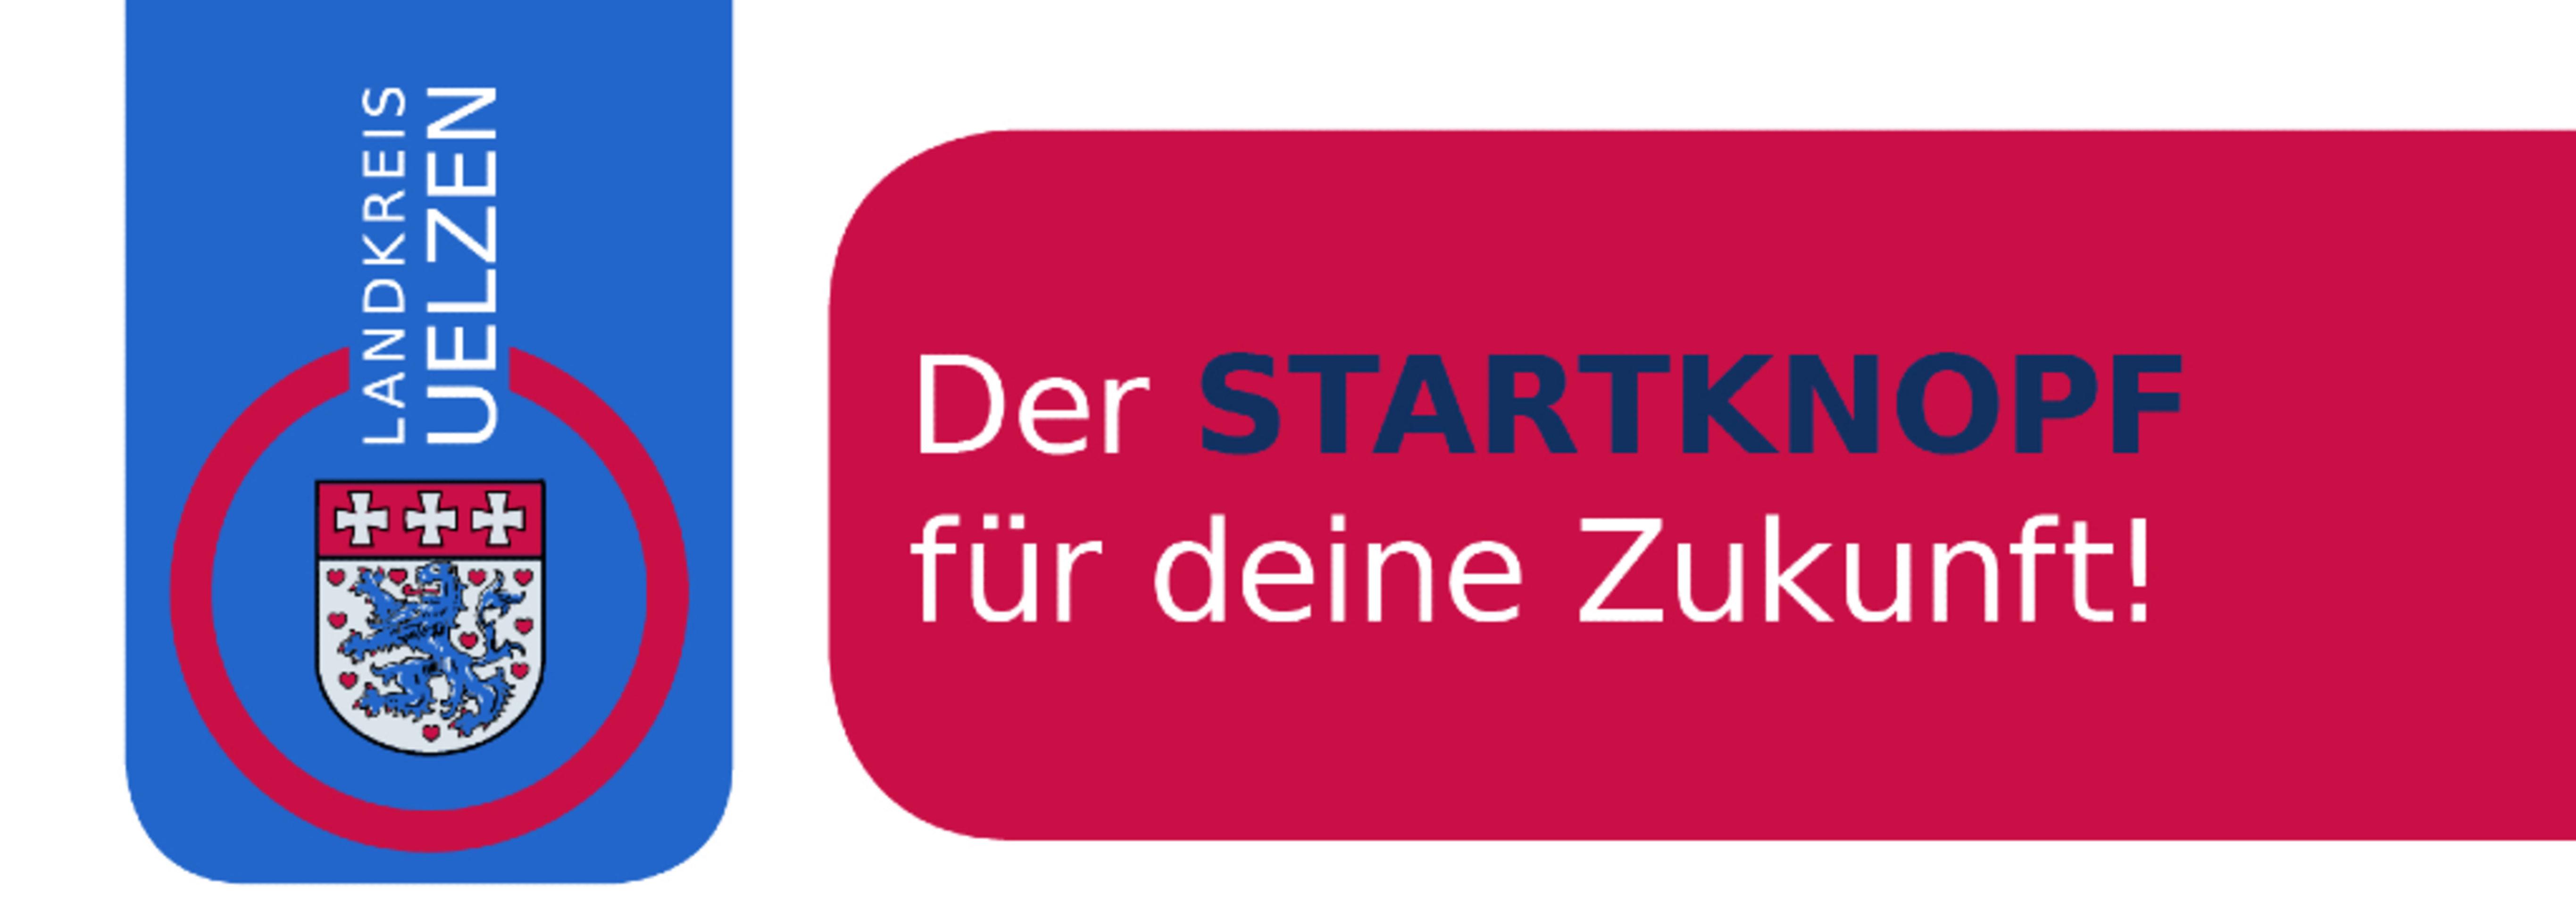 logo Landkreis Uelzen